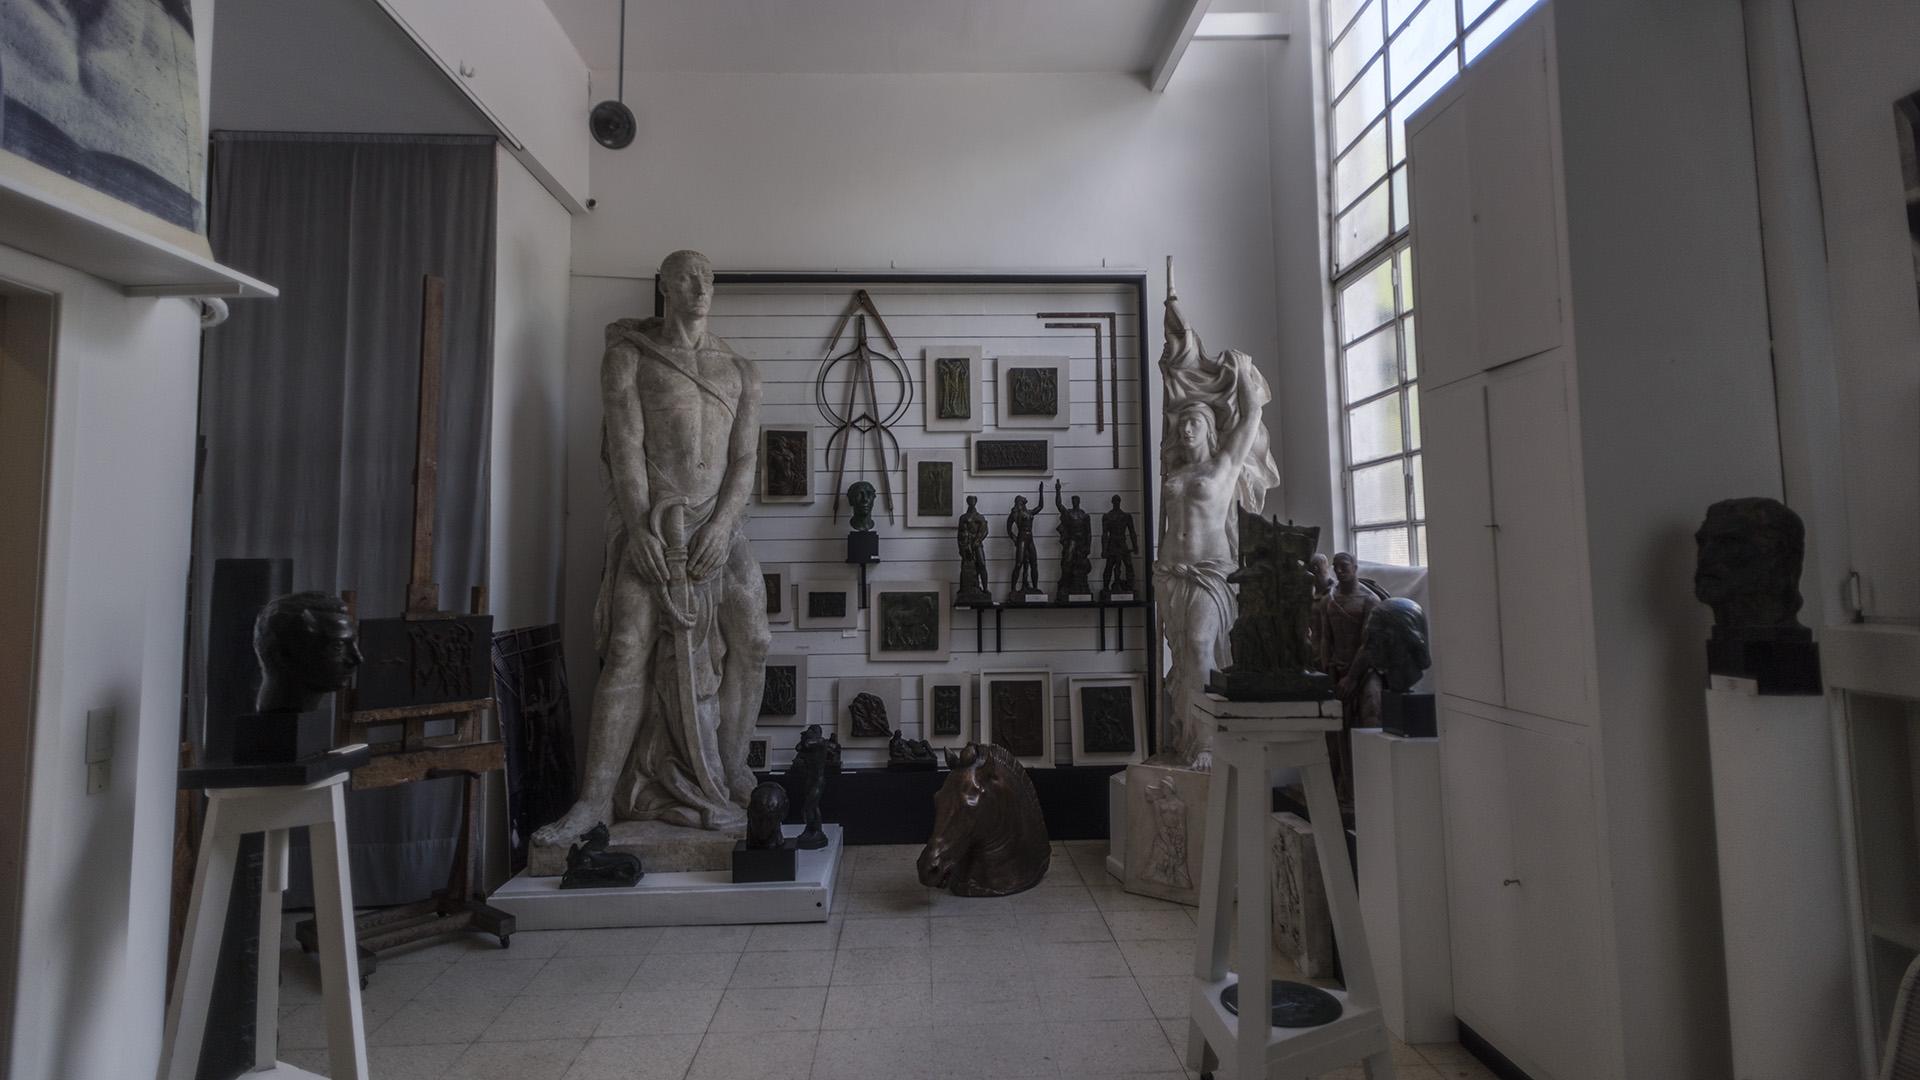 Fue proyectado por el arquitecto Alejo Martínez en 1937 para el matrimonio conformado por la pintora Raquel Forner y el escultor Alfredo Bigatti